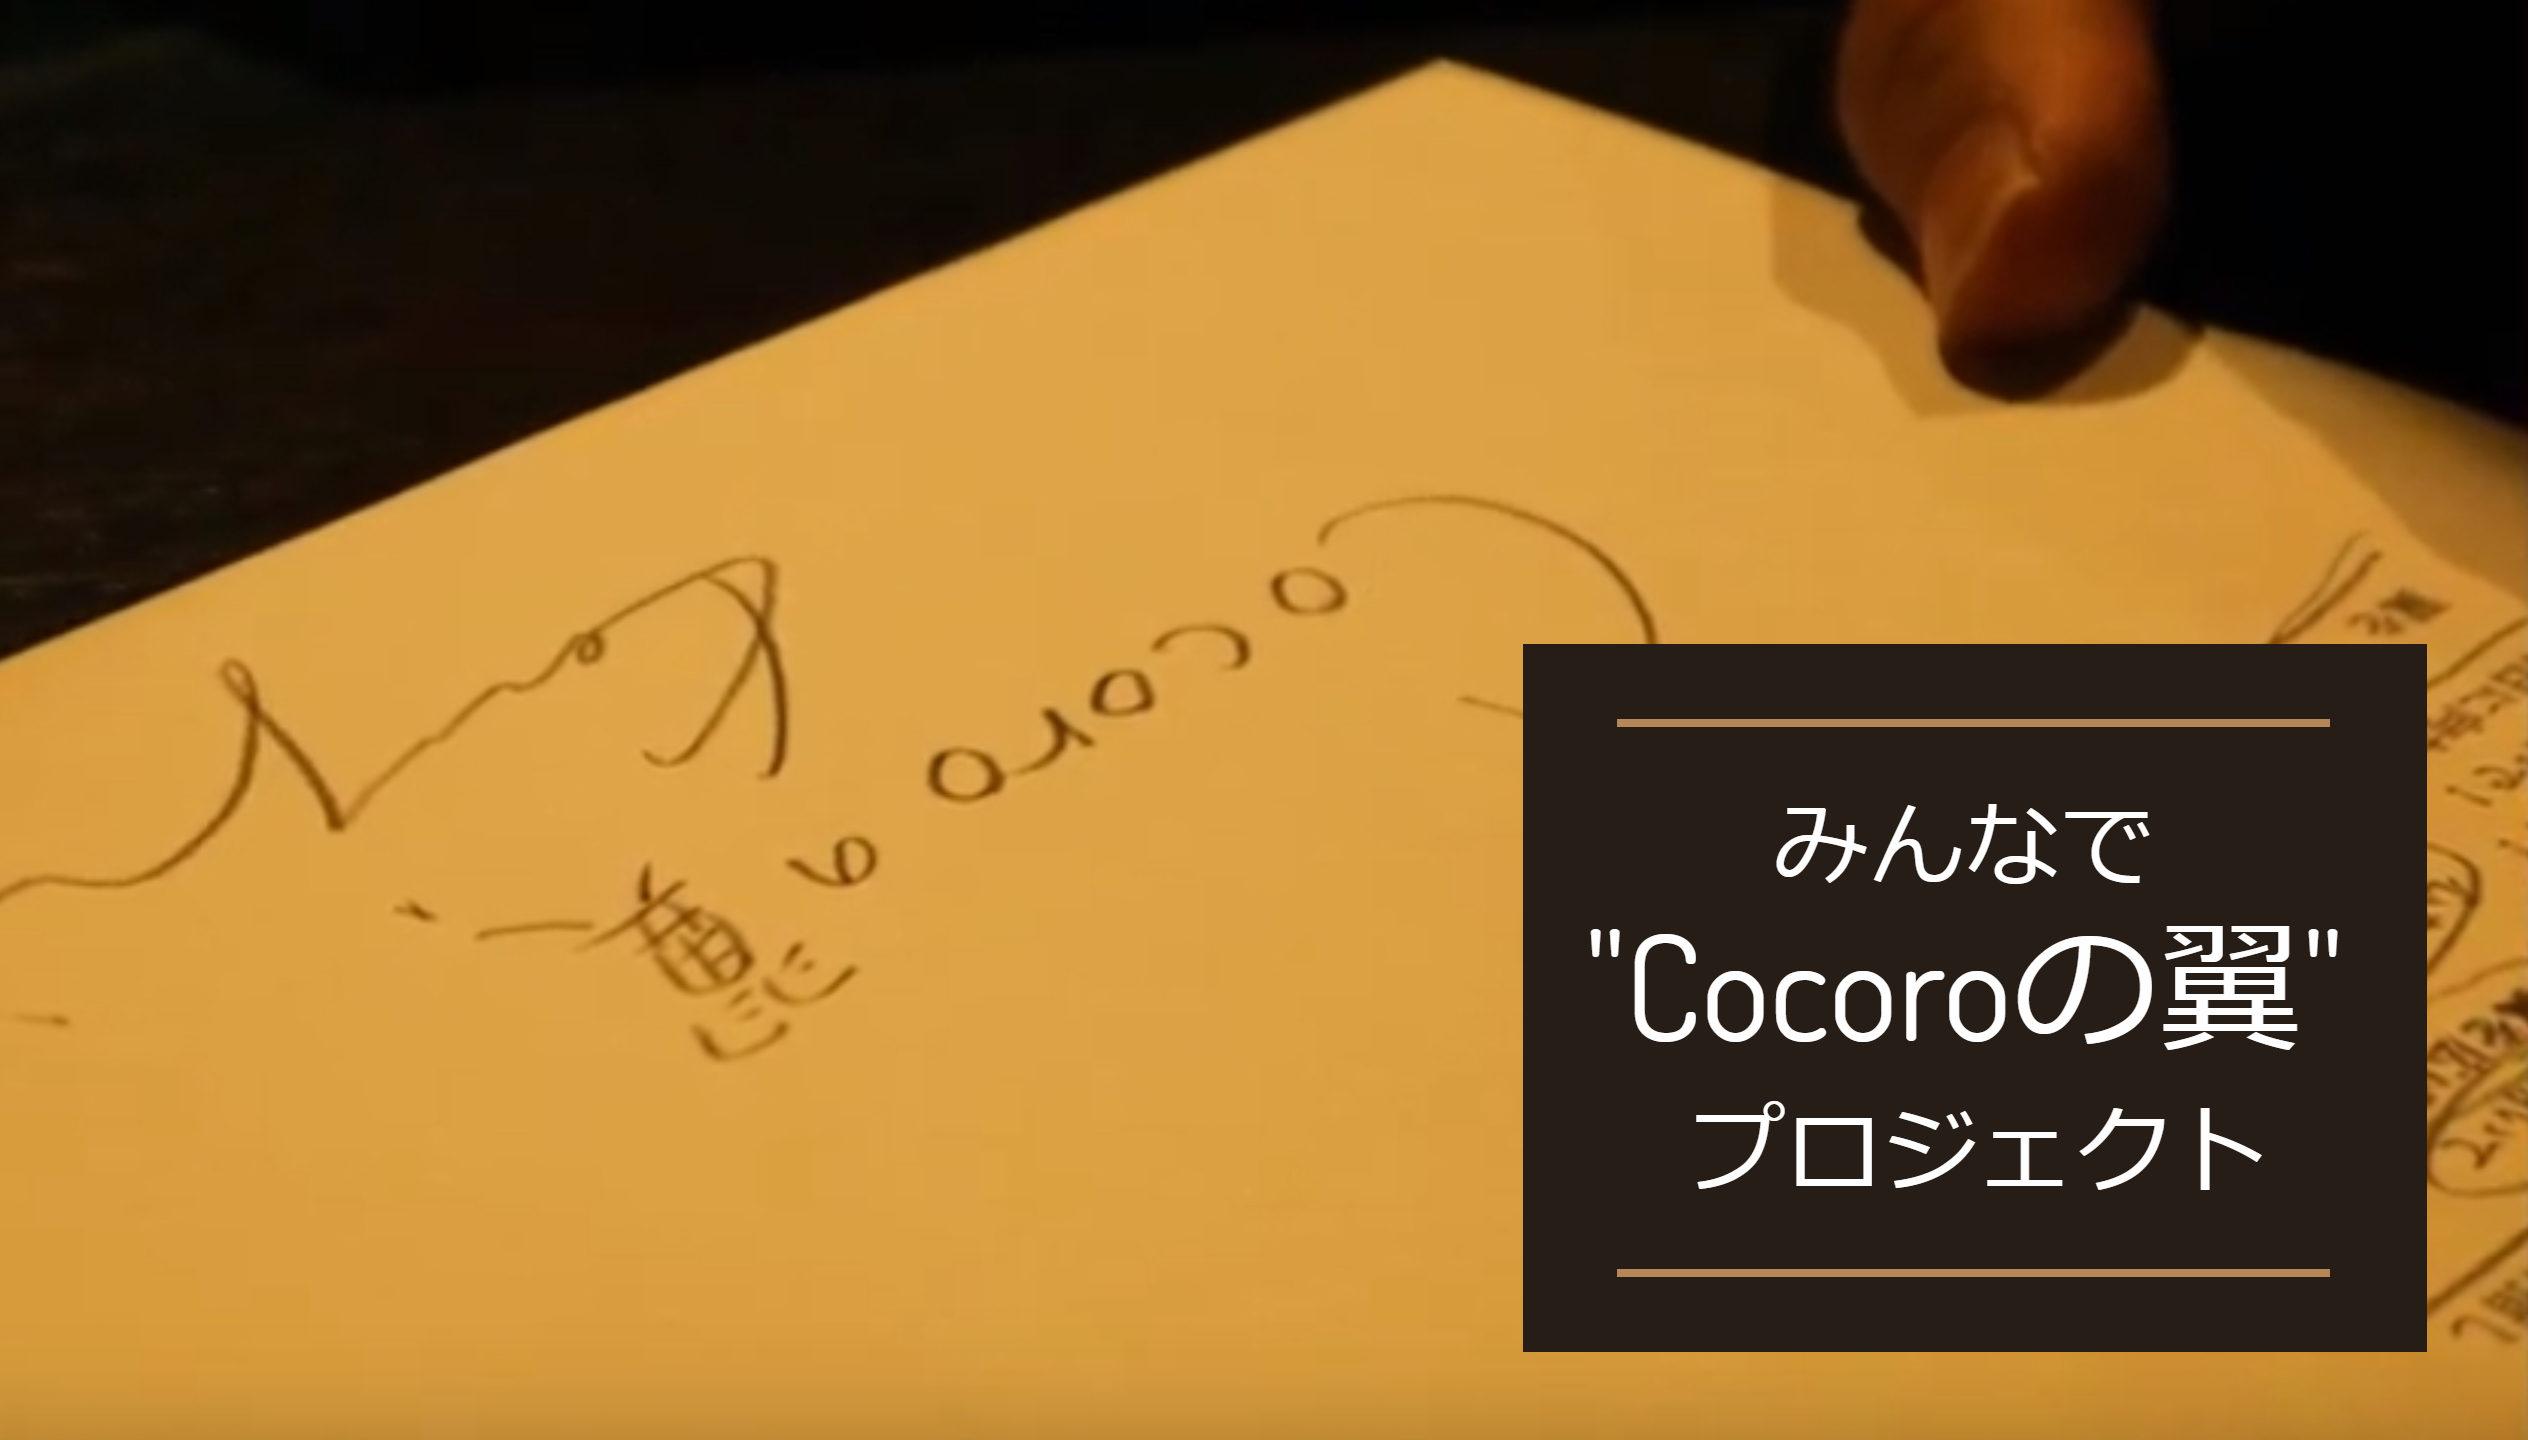 Cocoroの翼プロジェクト